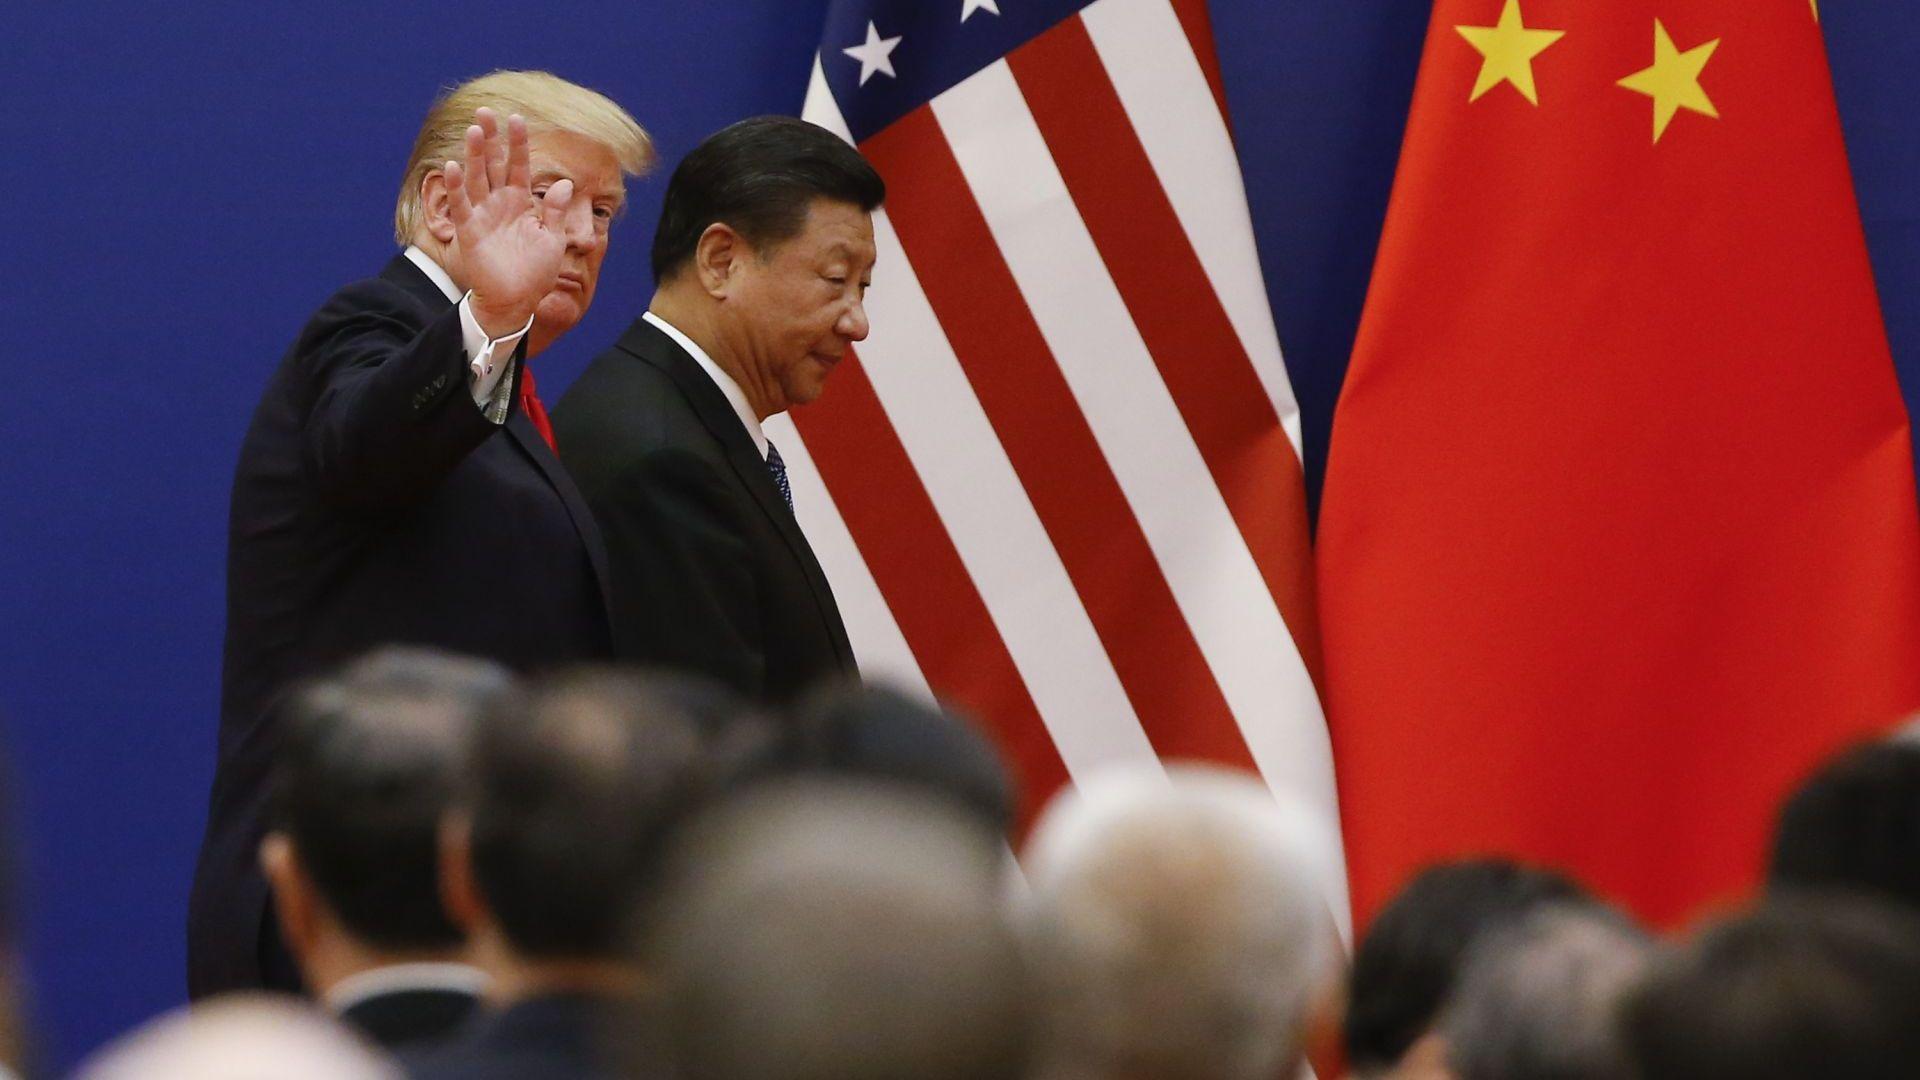 САЩ и Китай стартират търговски преговори в началото на януари в Пекин